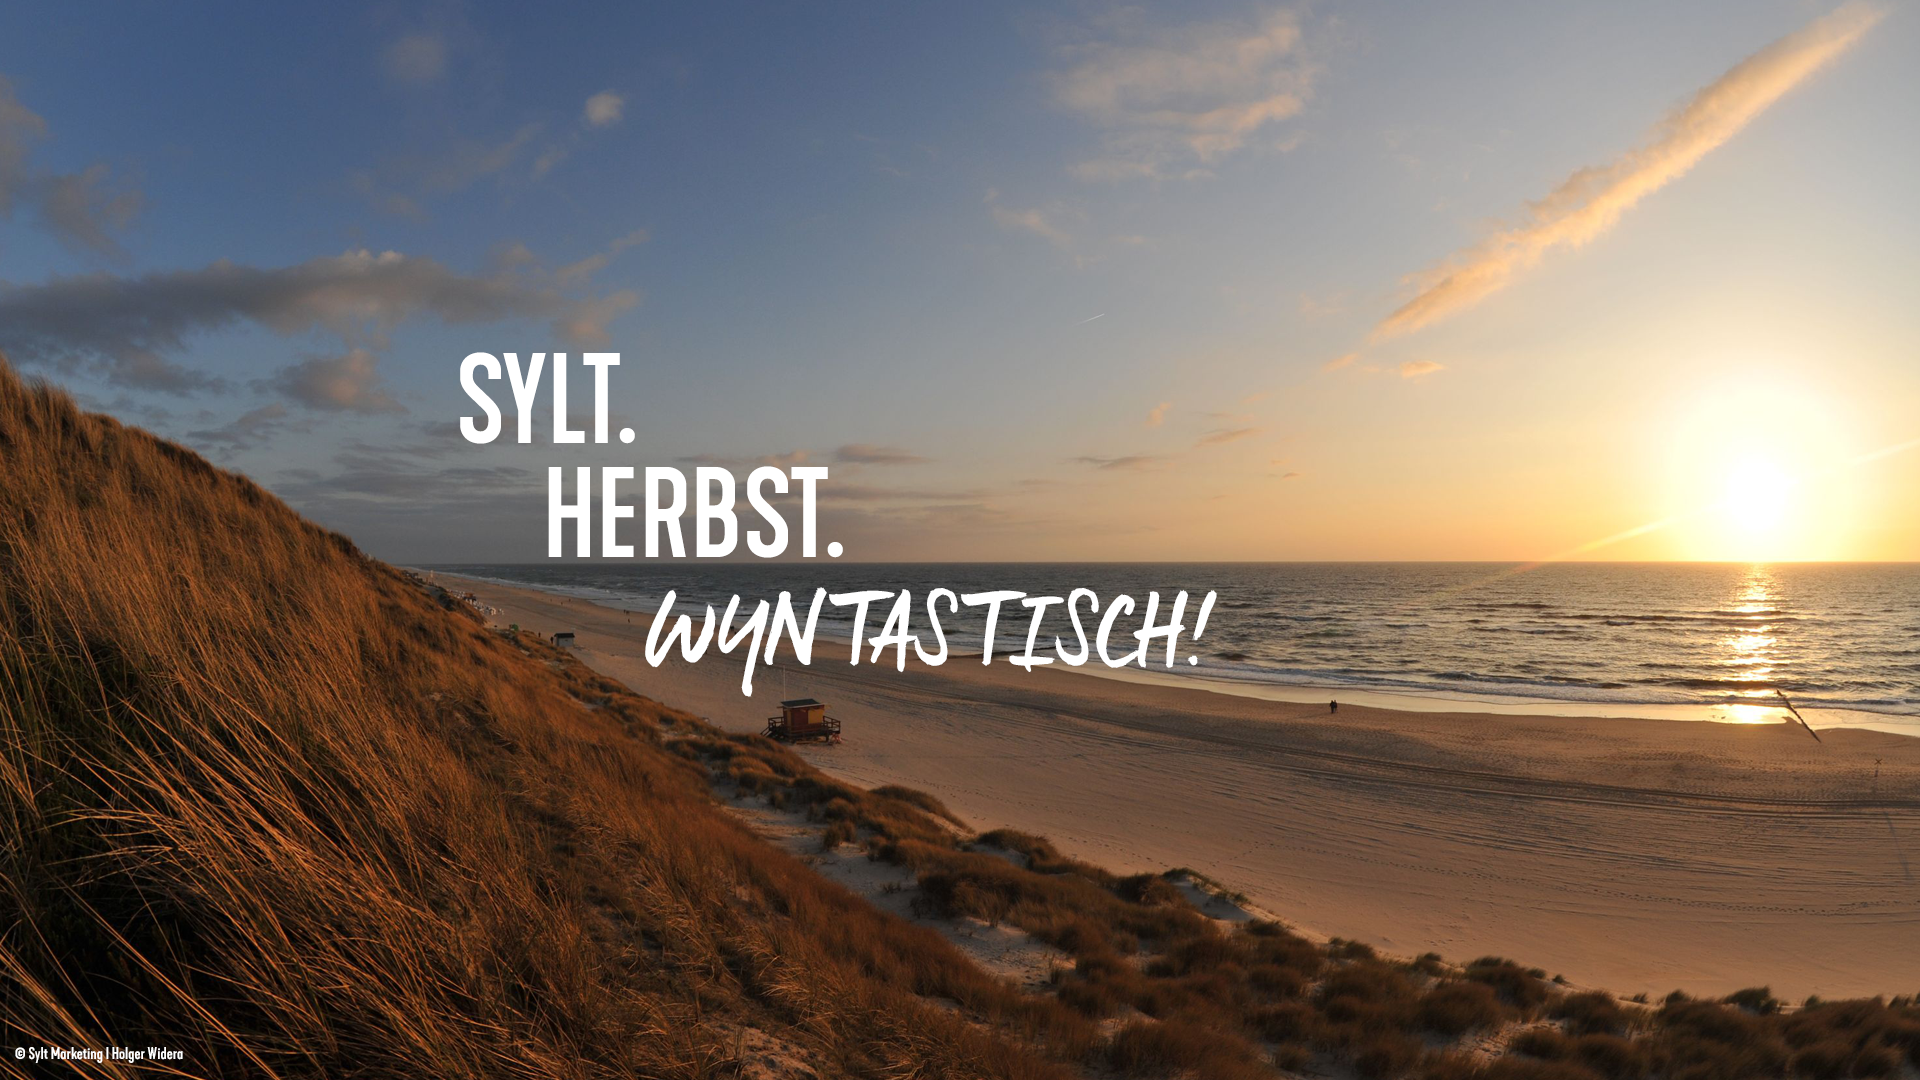 Herbsturlaub am Strand von Sylt mit Sonnenuntergang